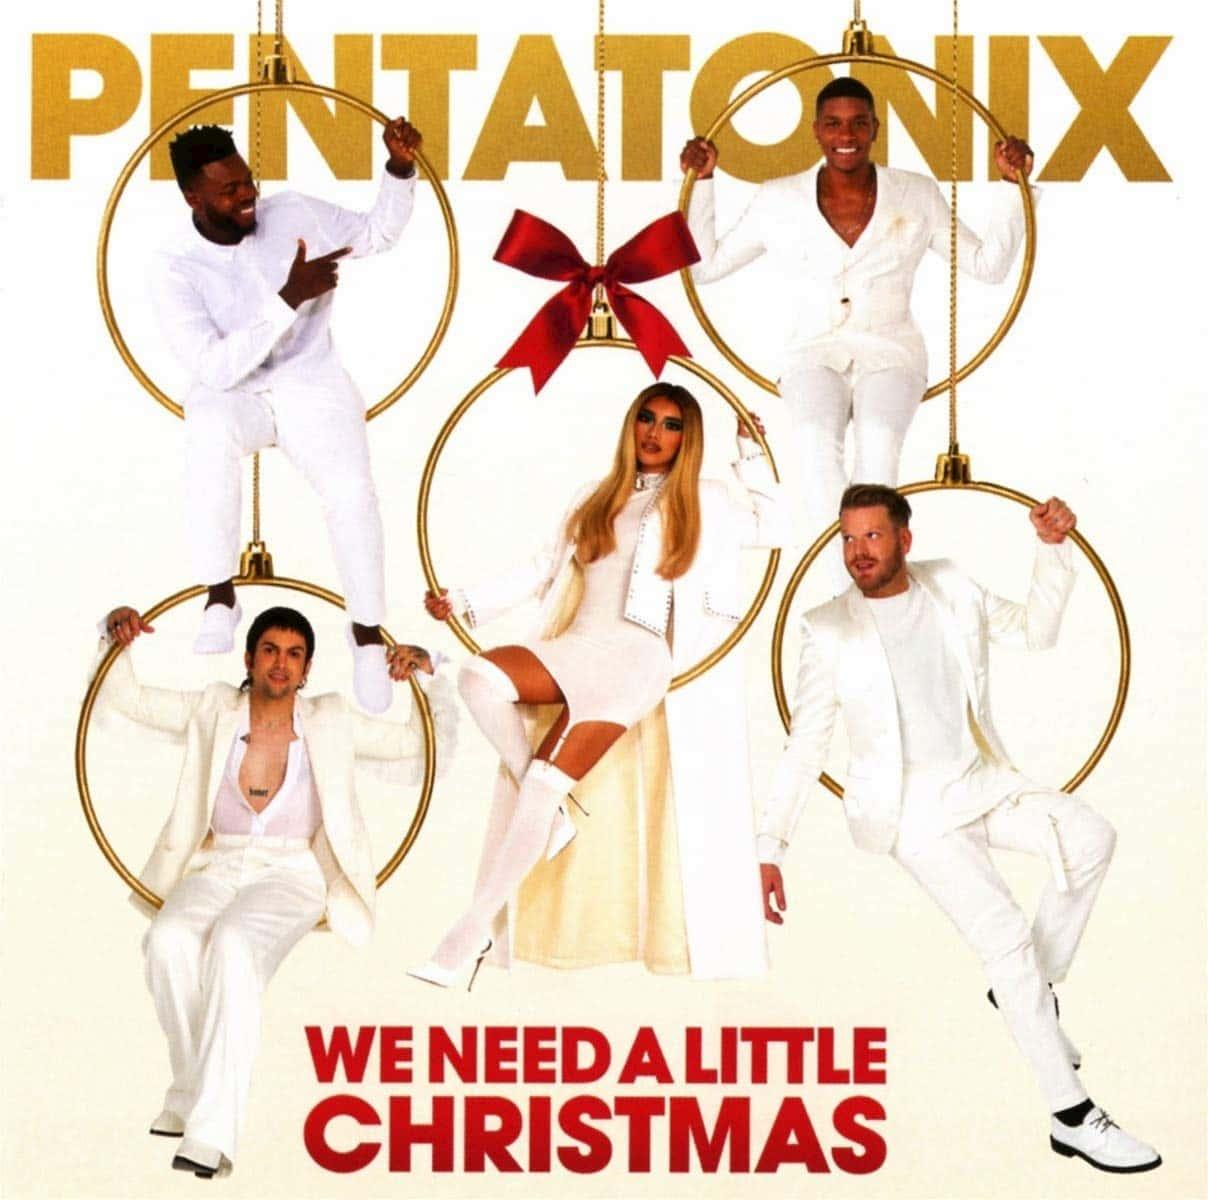 Pentatonix - We Need A Little Christmas 2020